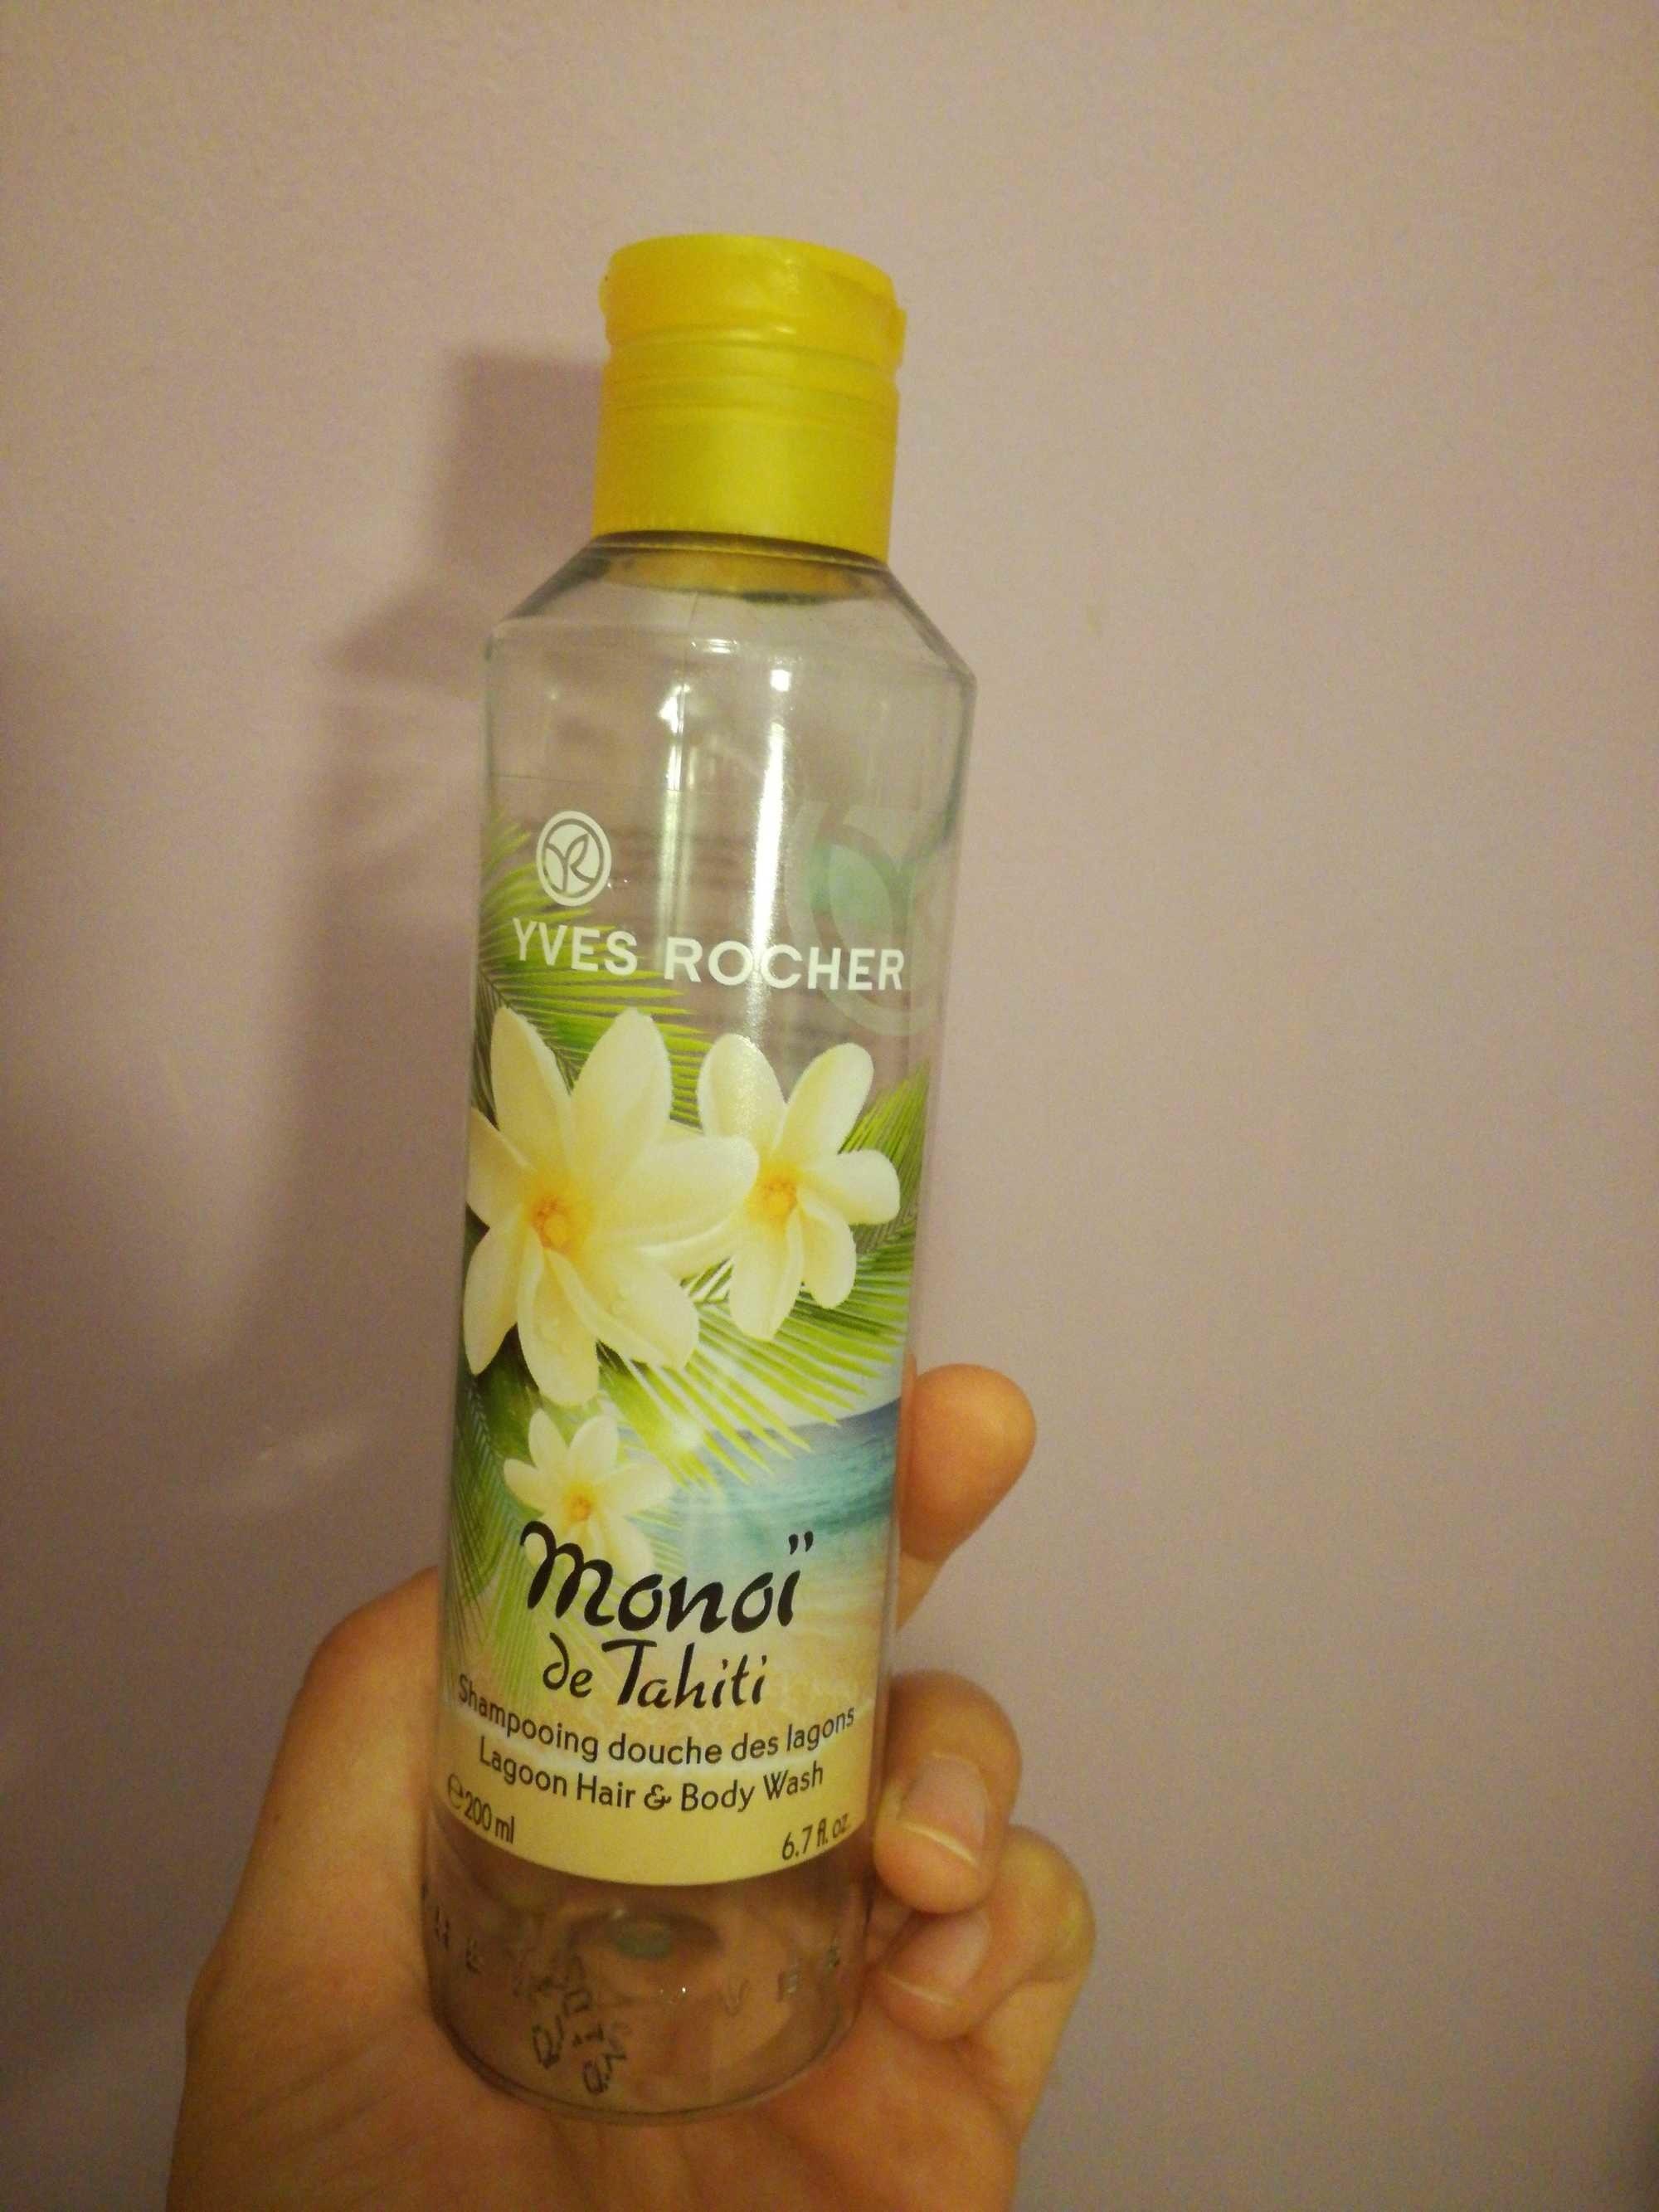 Gel douche au monoï - Product - fr